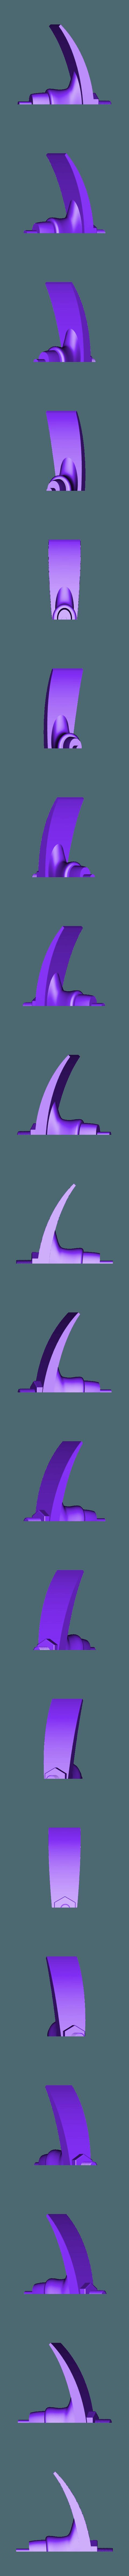 axe2.stl Download STL file Fortnite's axe! / Fortnite Axe! • 3D print design, MLBdesign